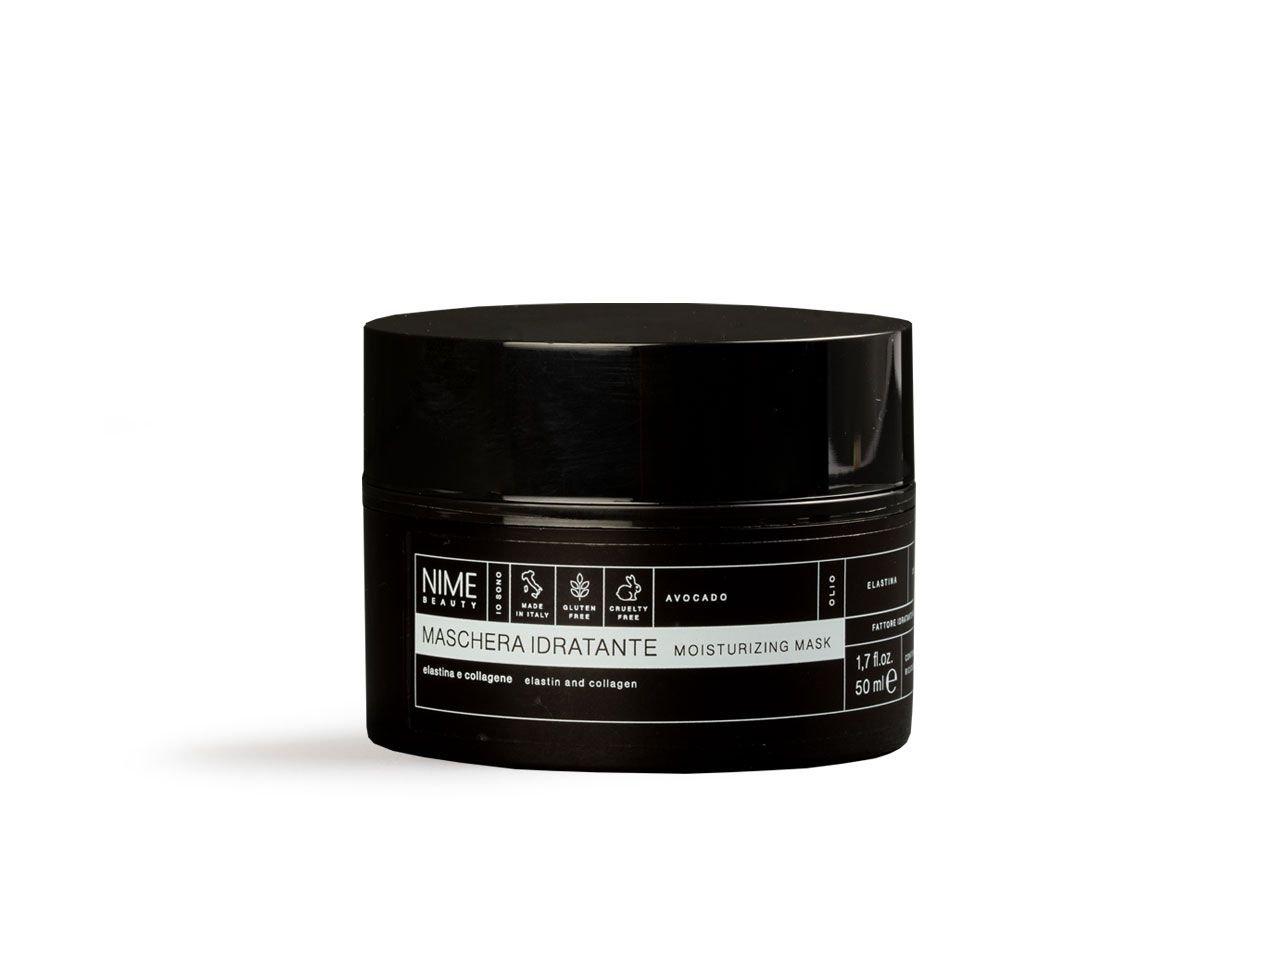 Maschera Idratante elastina e collagene - v2